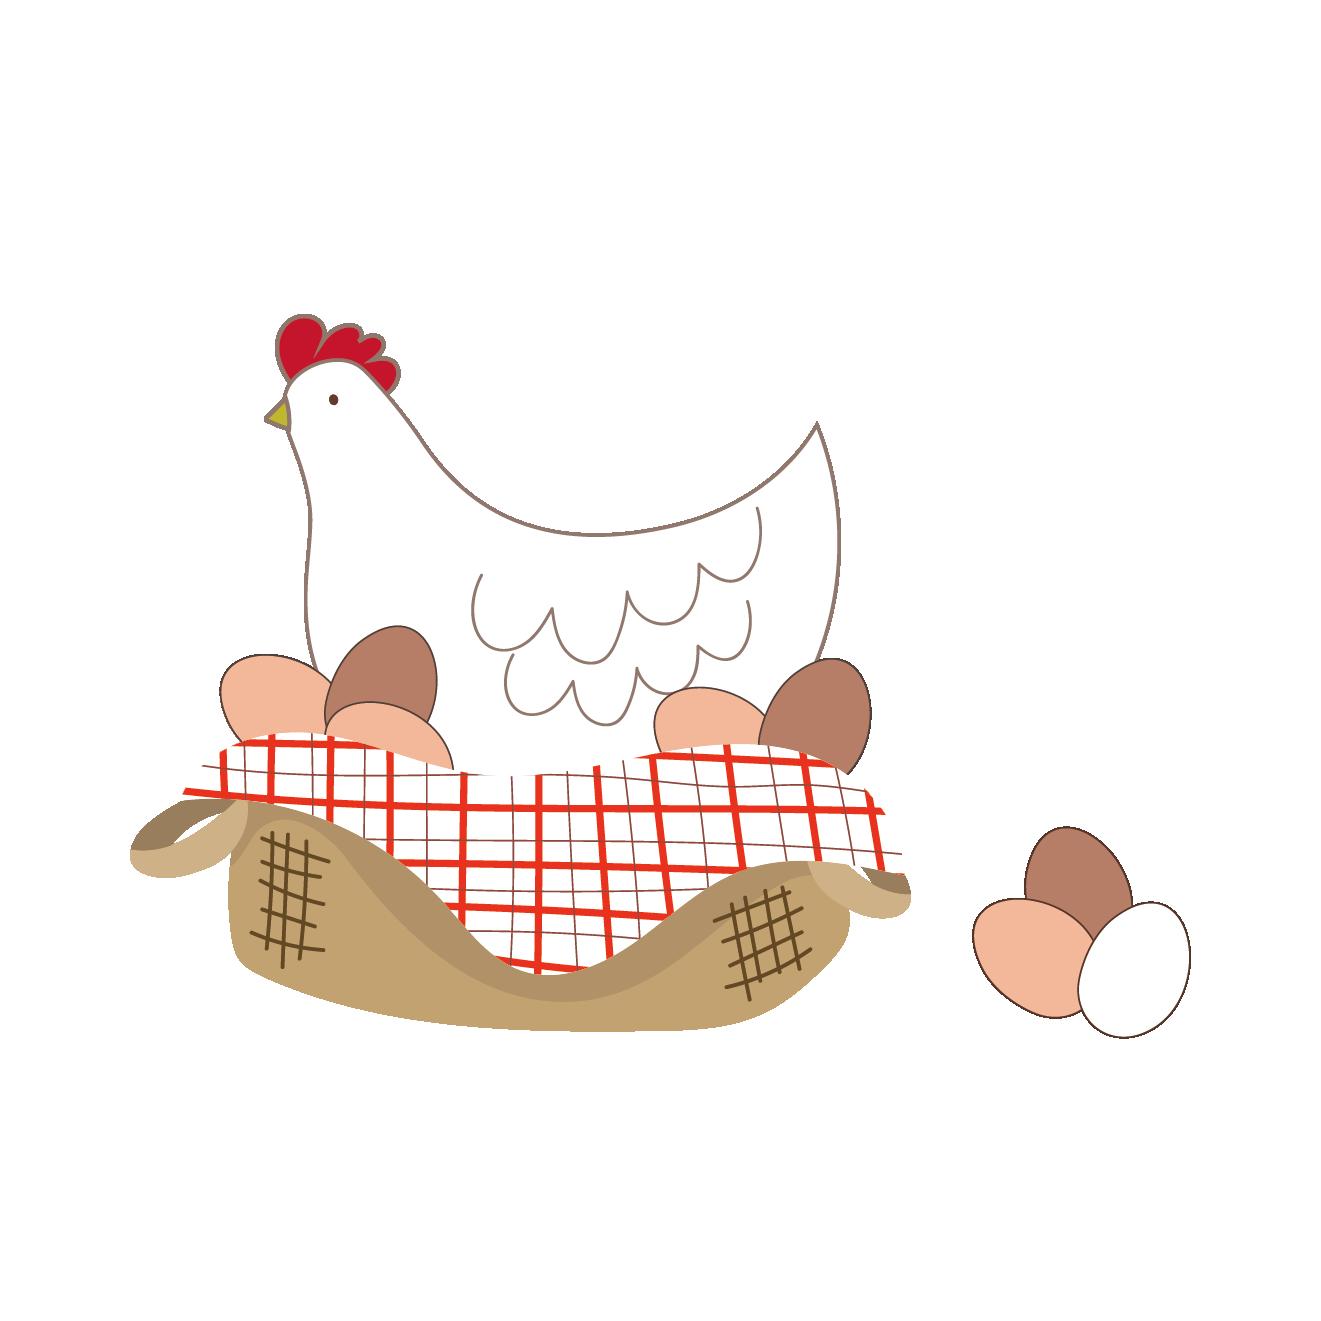 酉年おしゃれでかわいいカゴに入った鶏と卵のイラスト 商用フリー